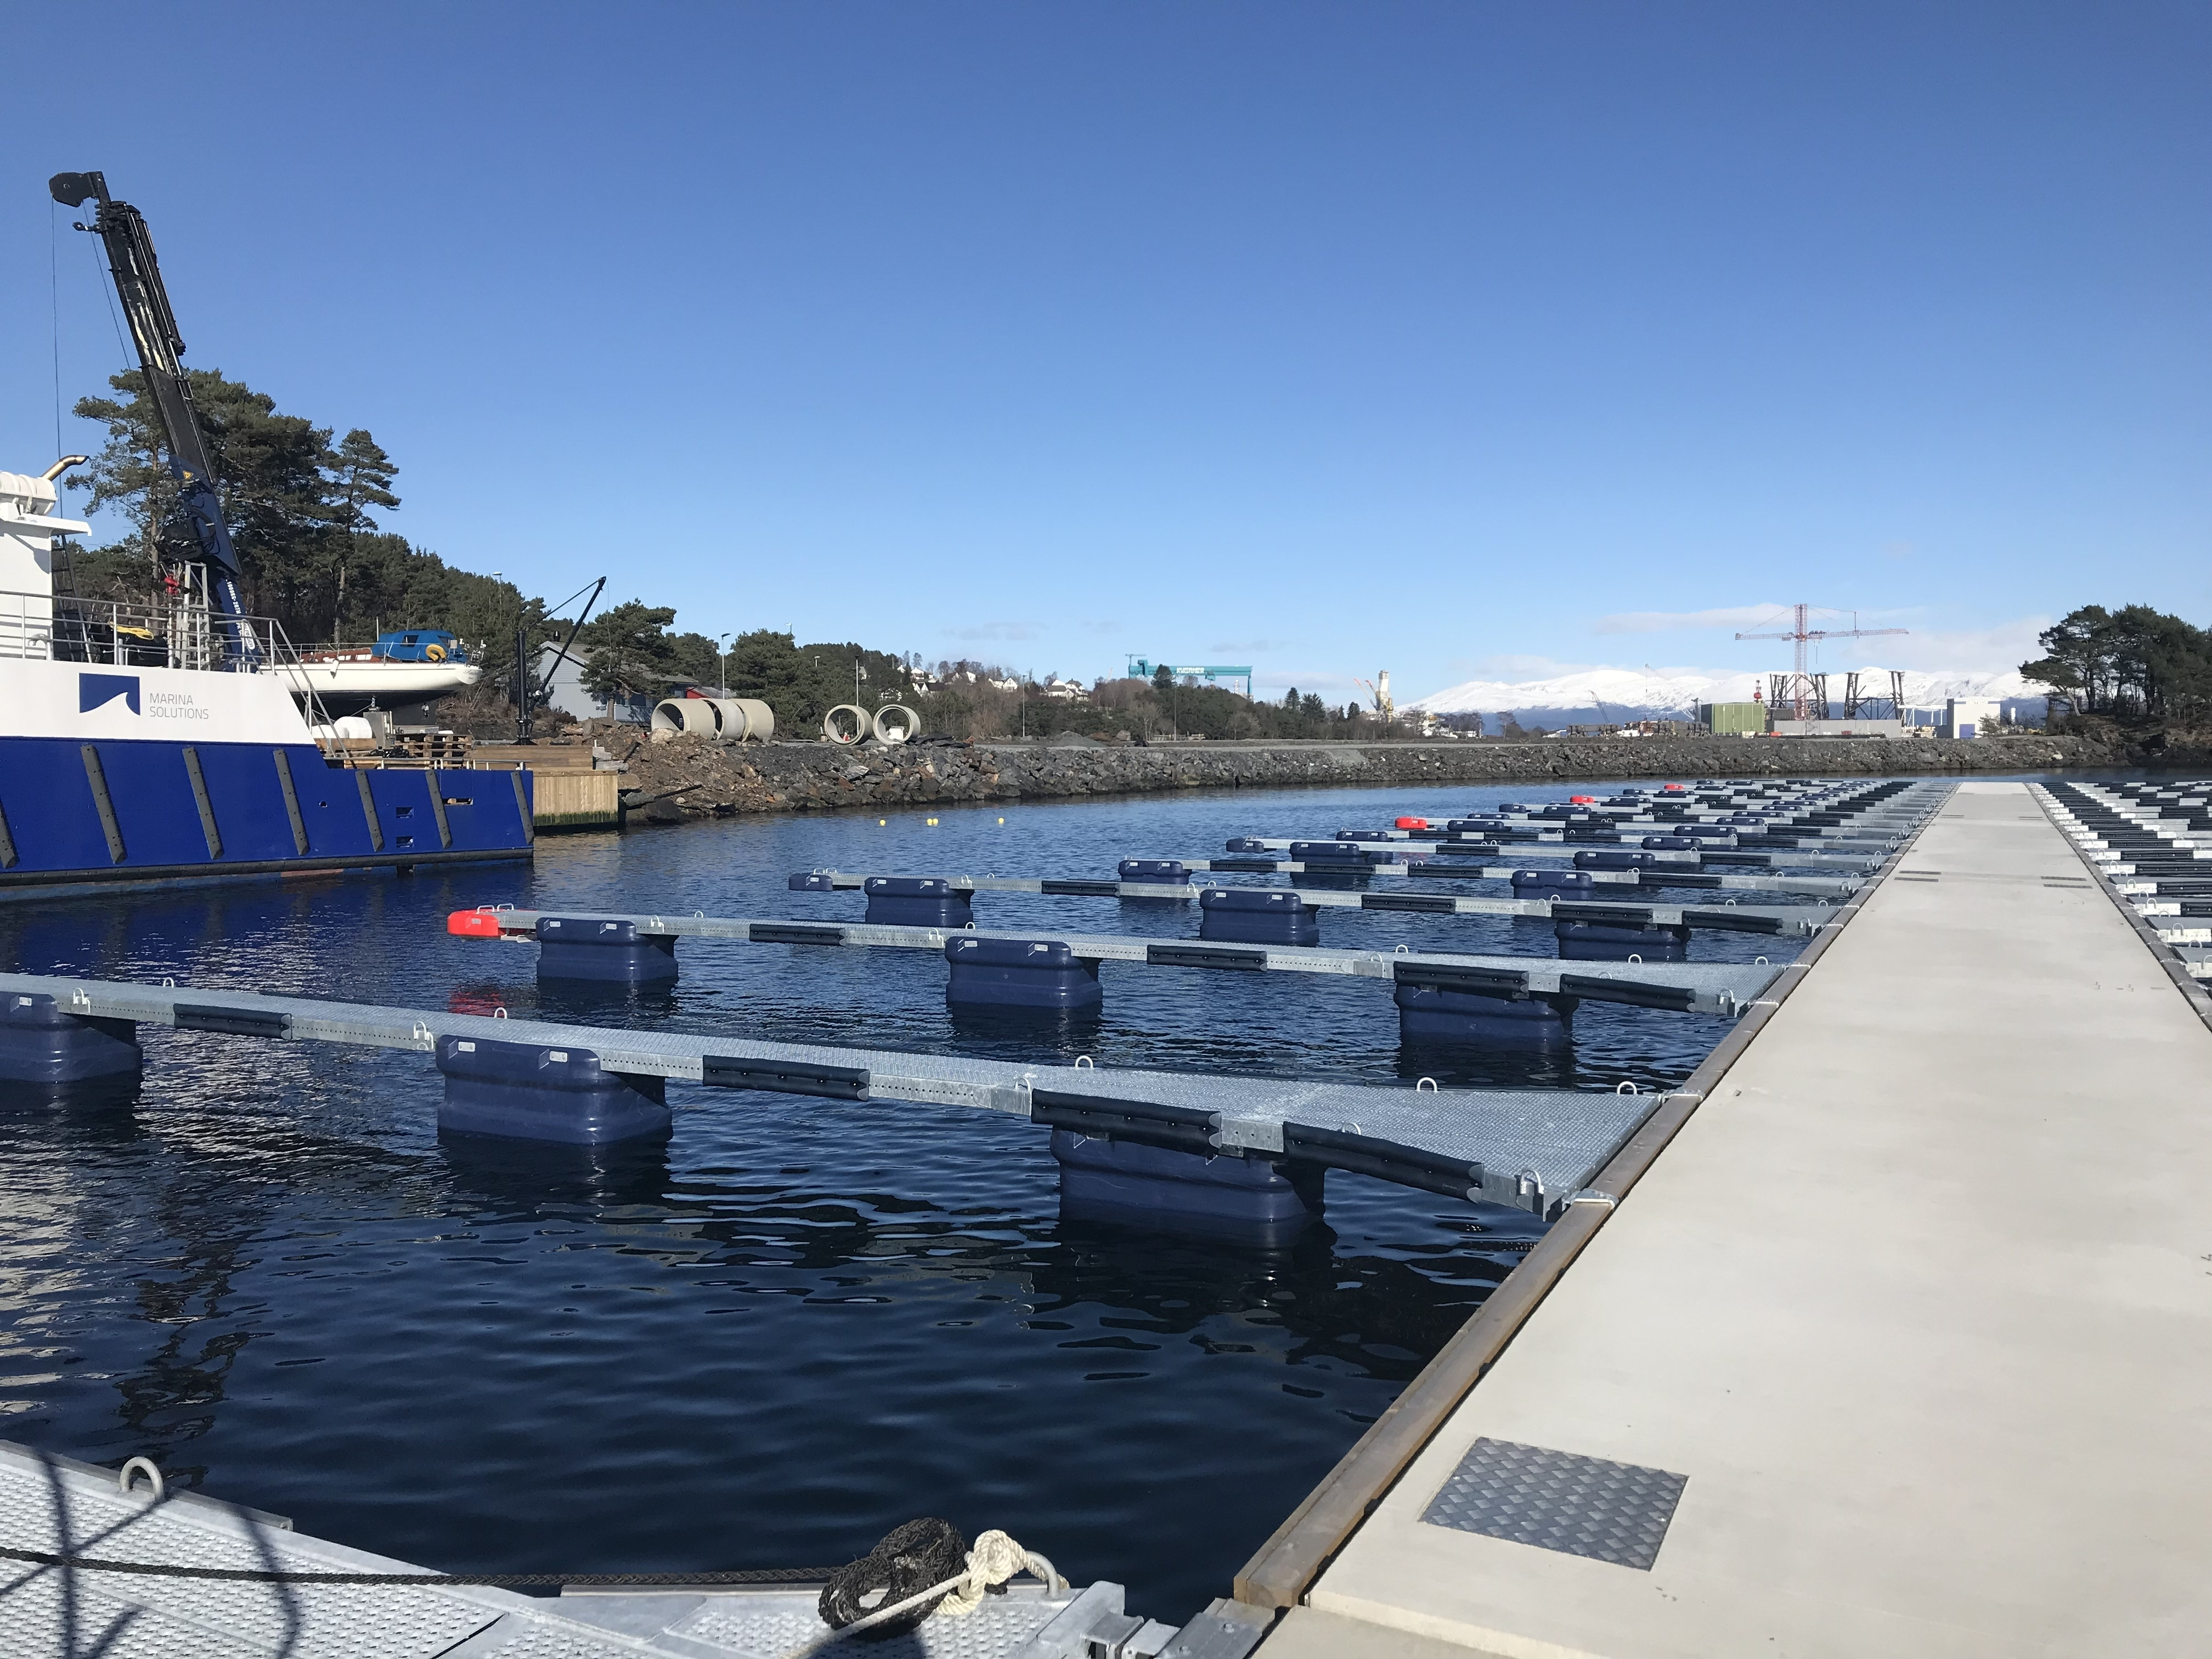 https://www.marinasolutions.no/uploads/Skjersholmane-båthavn-forlengelse-tallykey-marina-solutions-fenderlister-betongbrygger-6.jpg